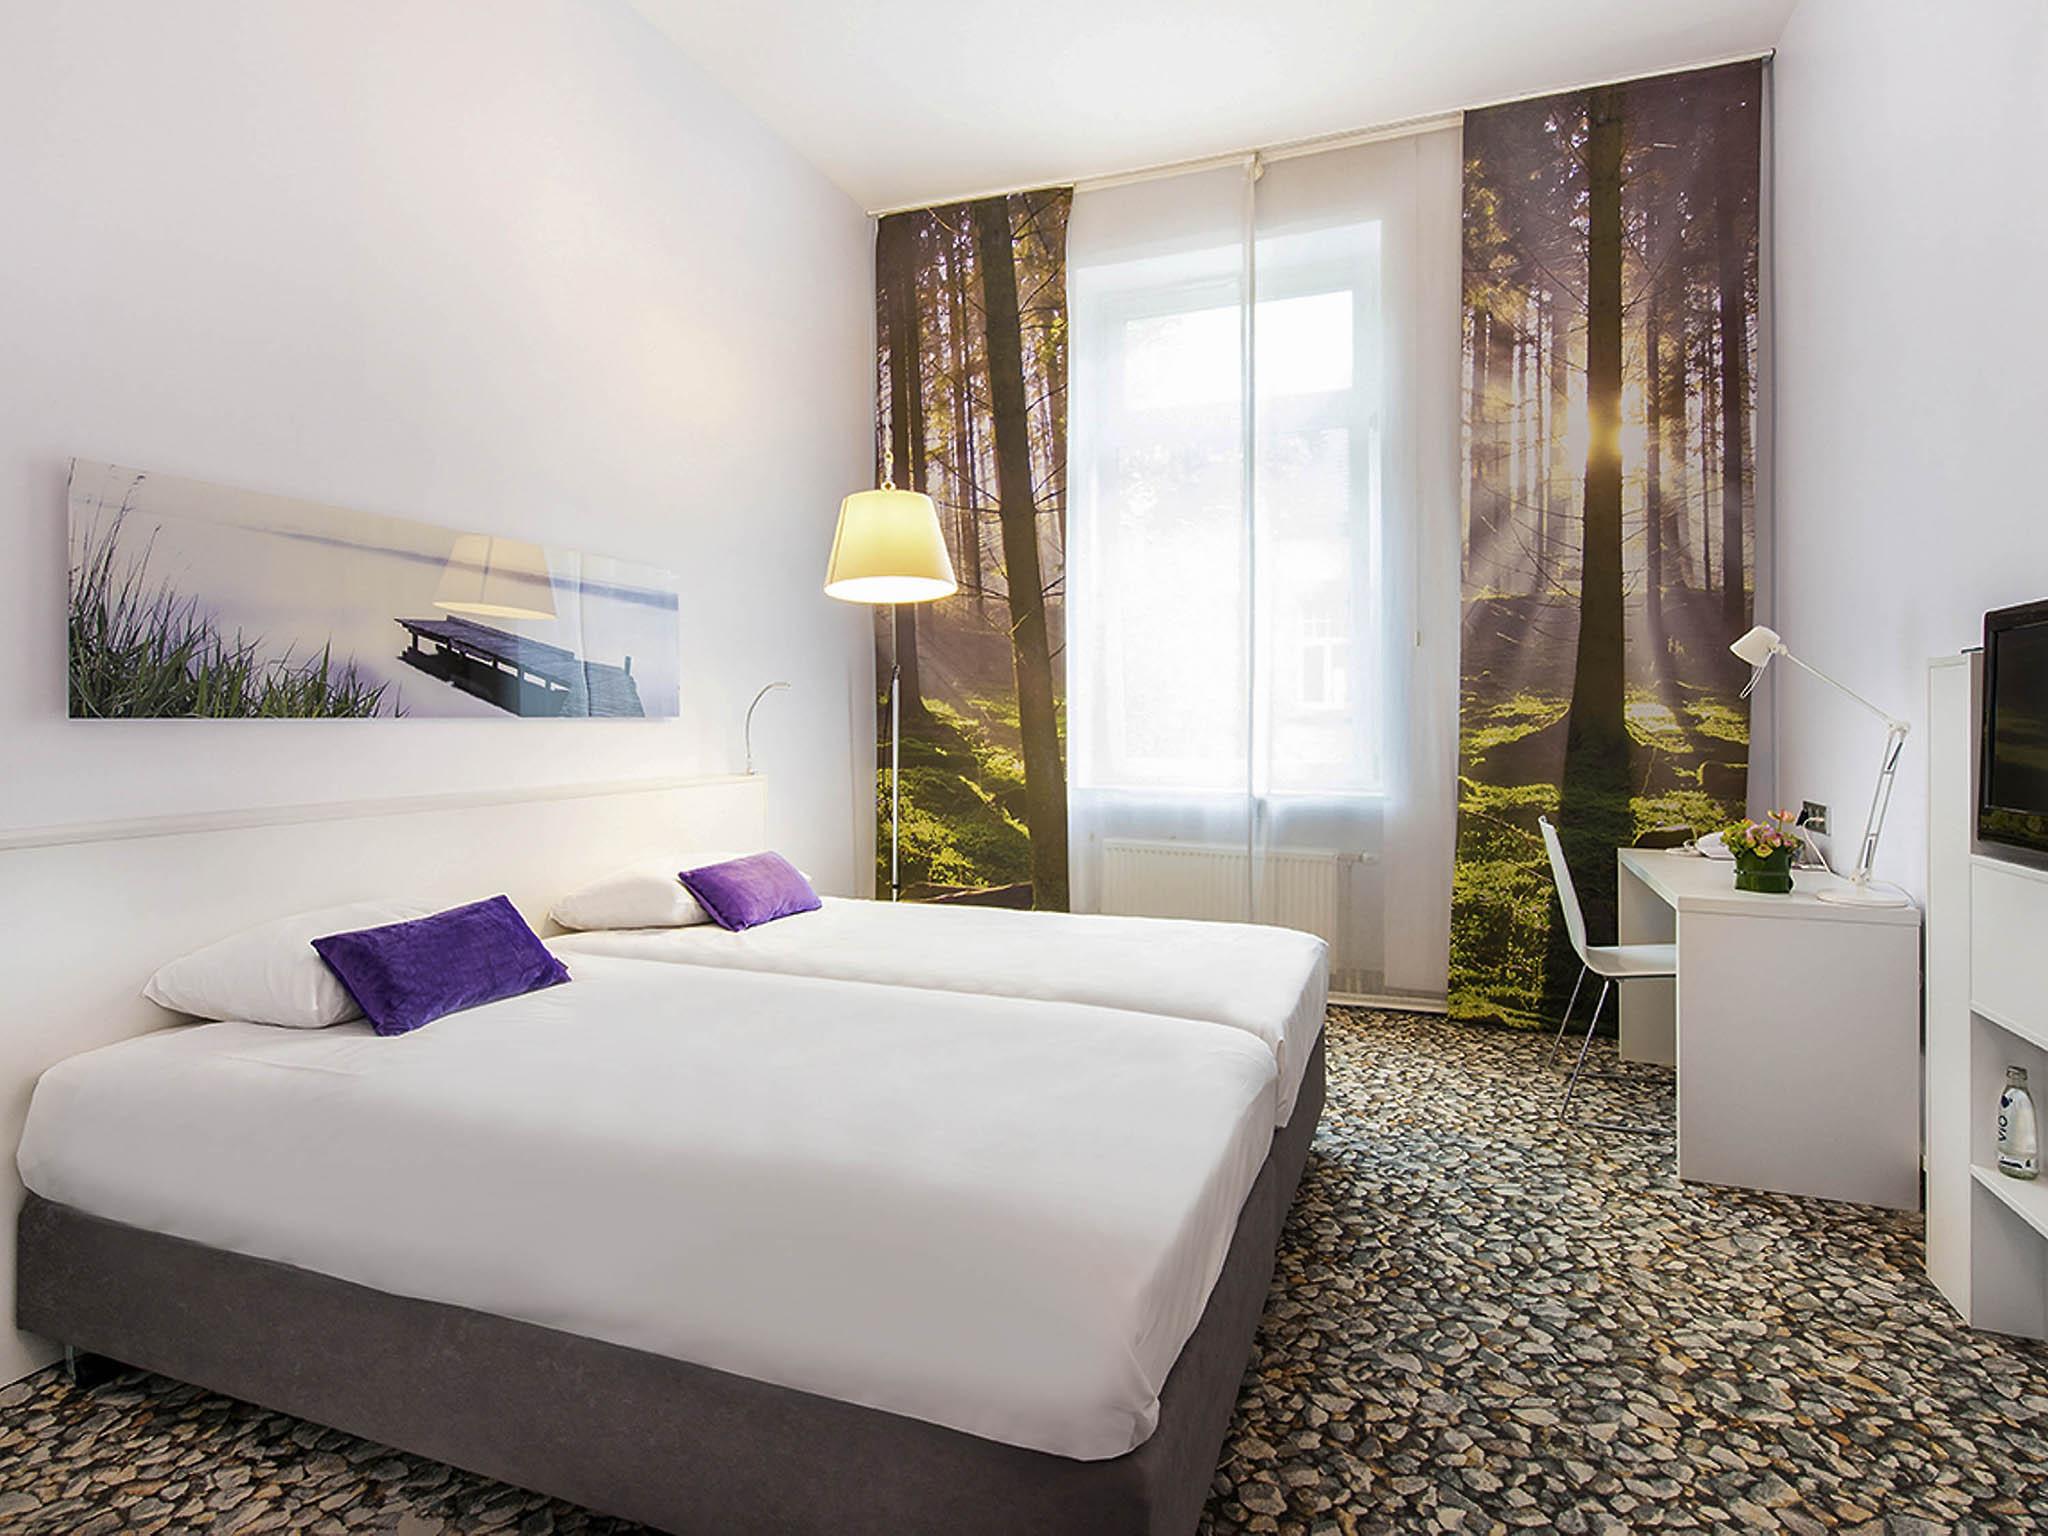 فندق - إيبيس ستايلز ibis Styles فرانكفورت سيتي